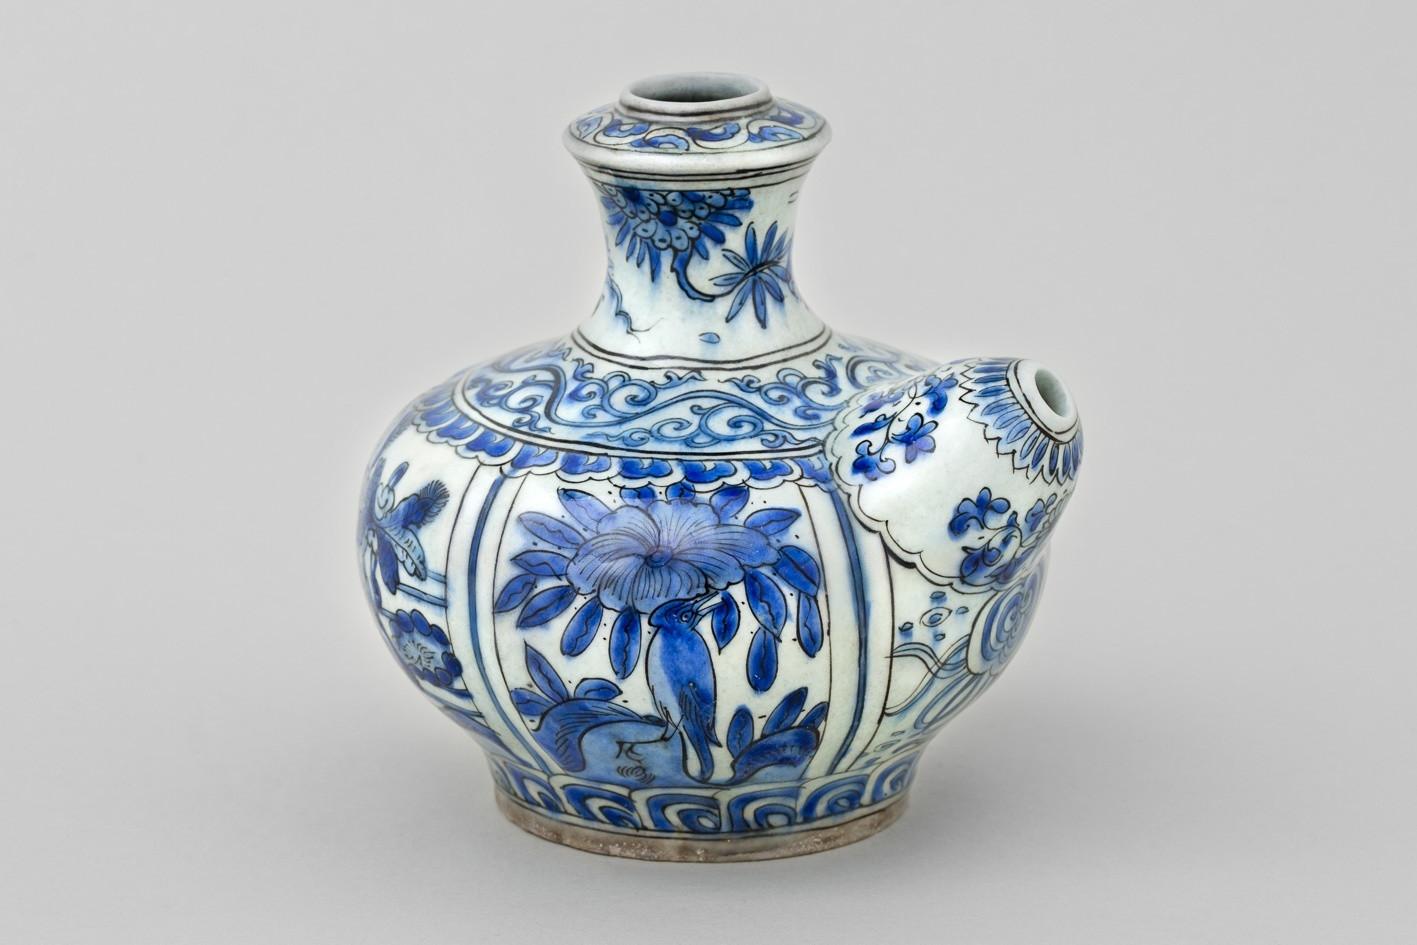 ming vase markings of a safavid kendi 17th century anita gray pertaining to a safavid kendi